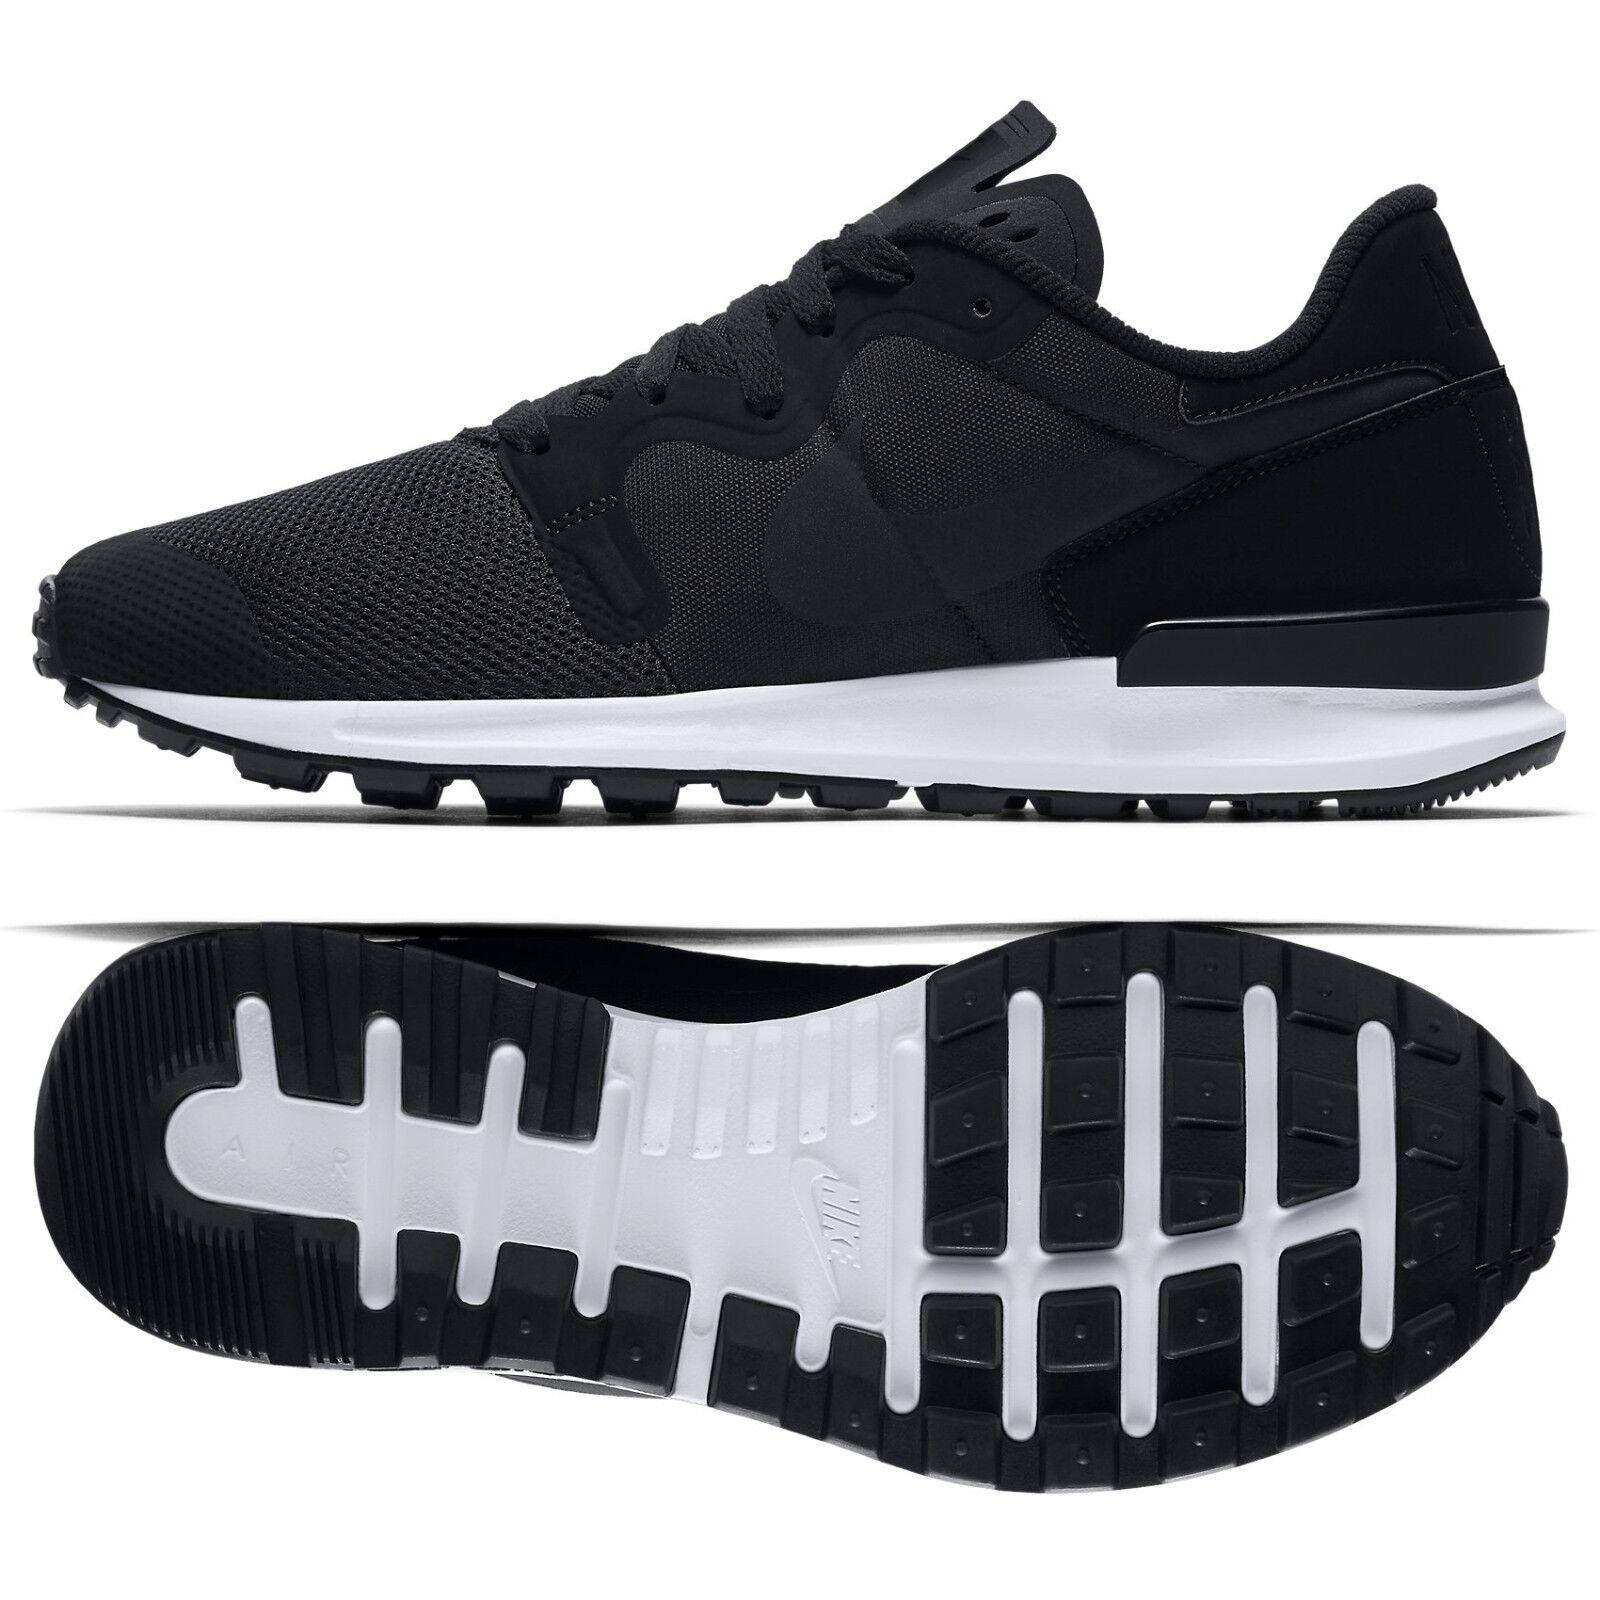 Nike air berwuda 555305-004 nero / bianco tela delle scarpe da uomo camoscio